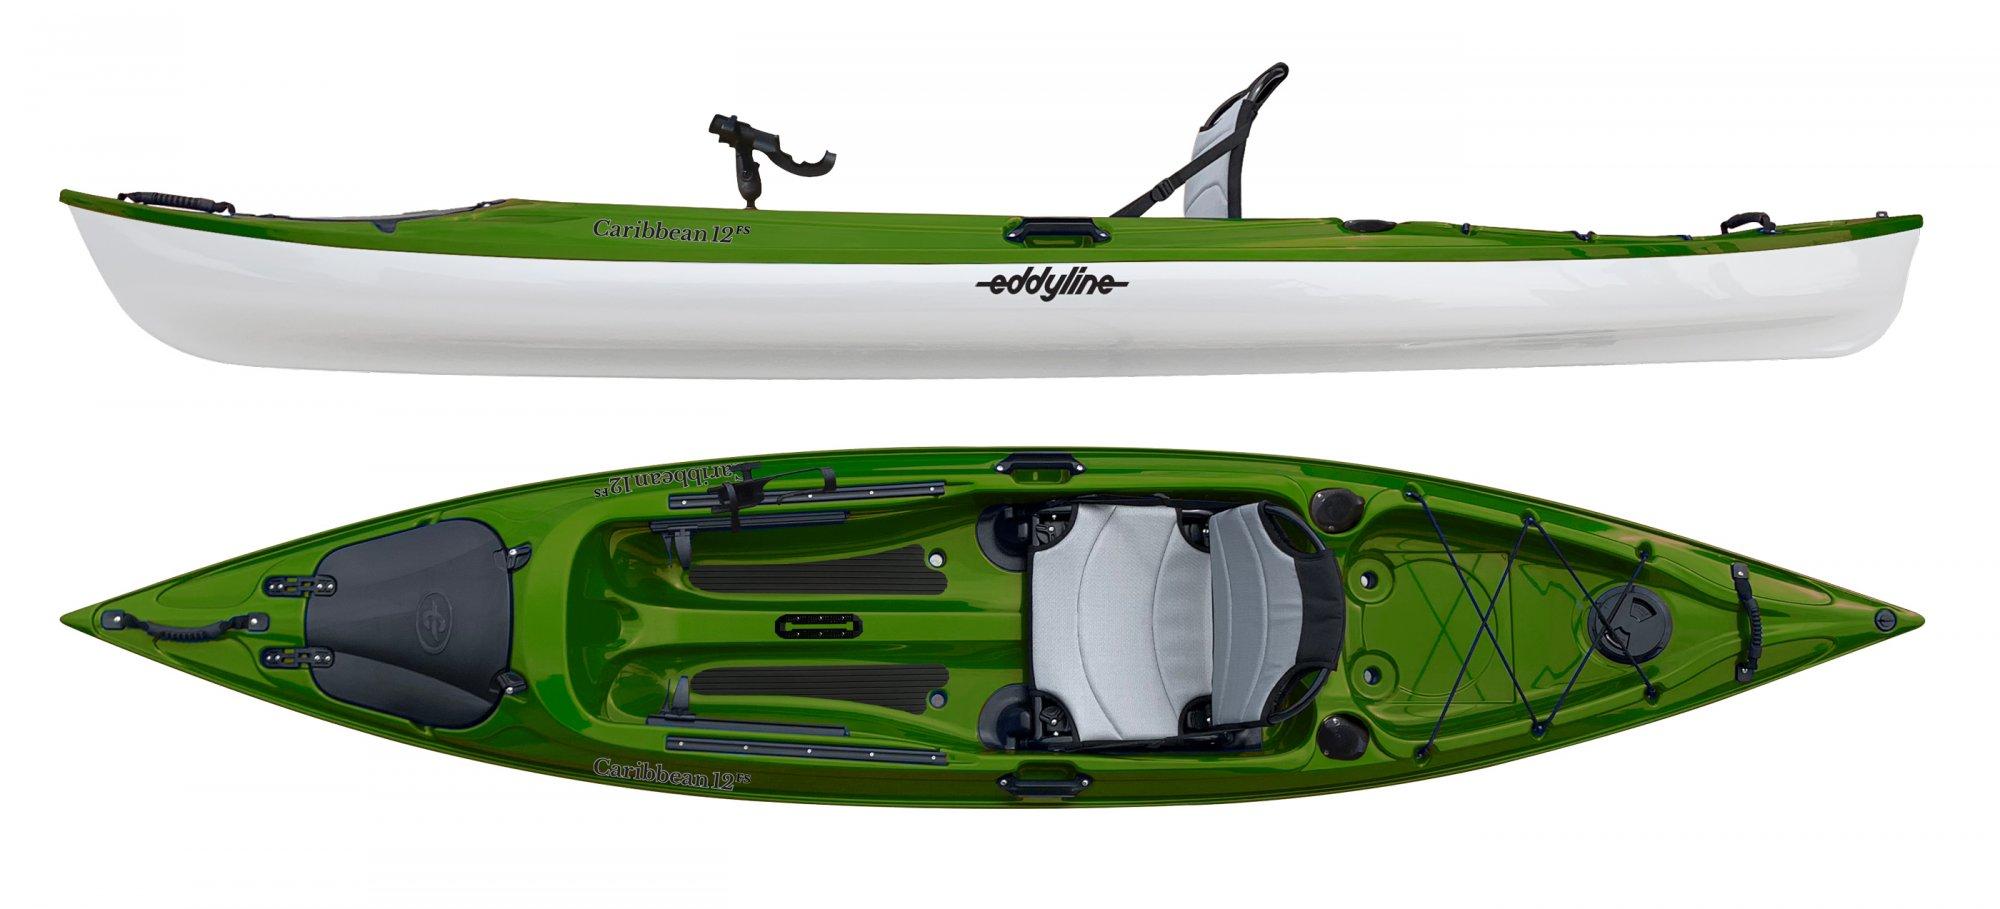 Eddyline Caribbean 12FS Angler - ORDER NEW